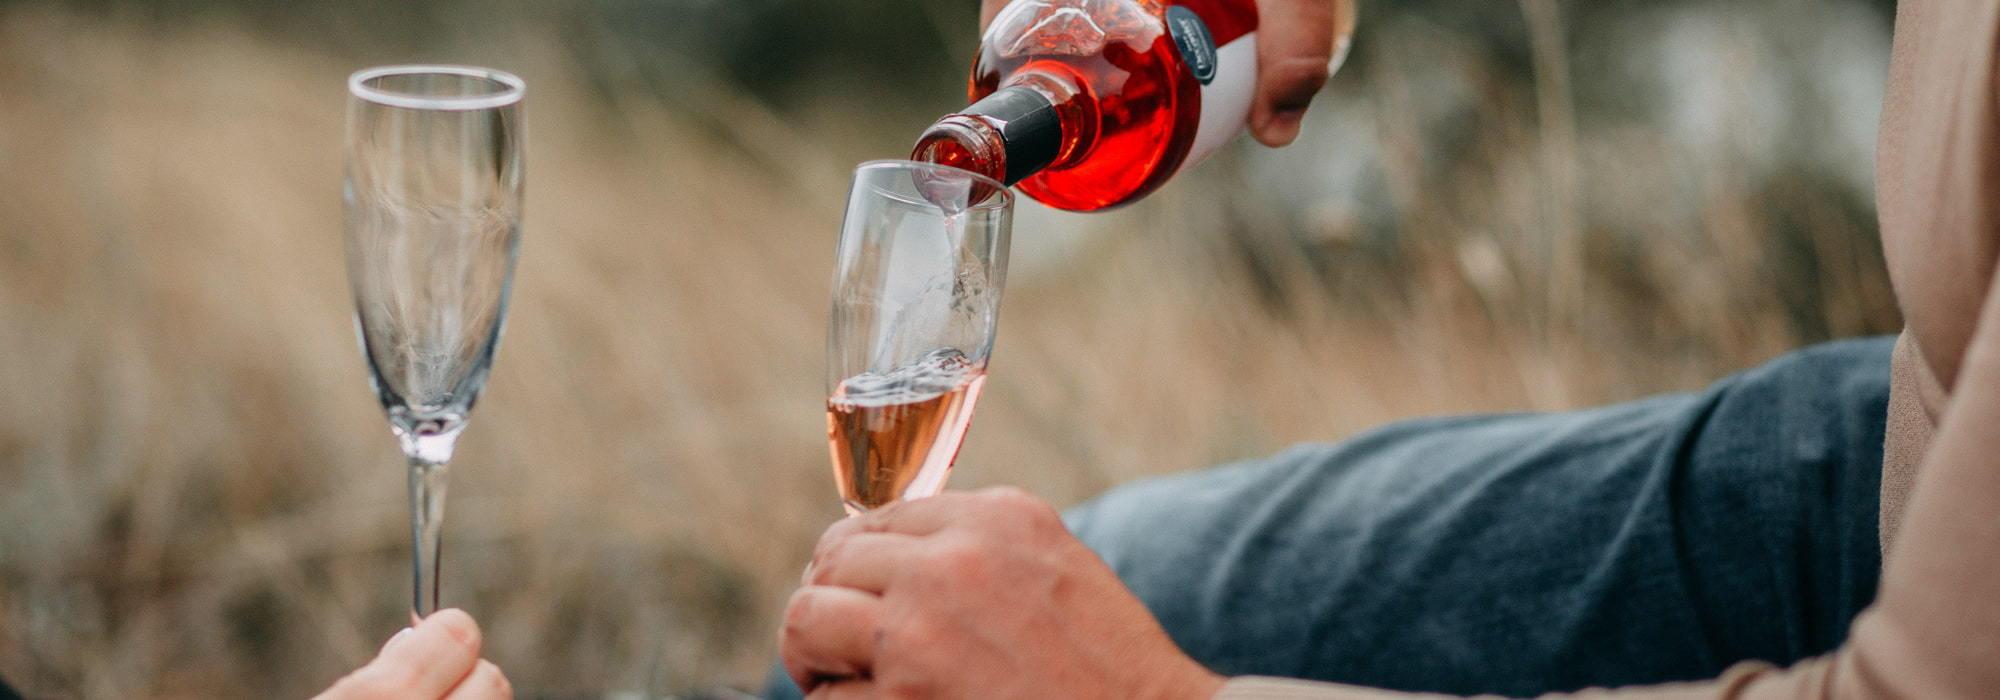 【解酒迷思】如何有效舒緩宿醉不適|5個快速解酒方法推薦